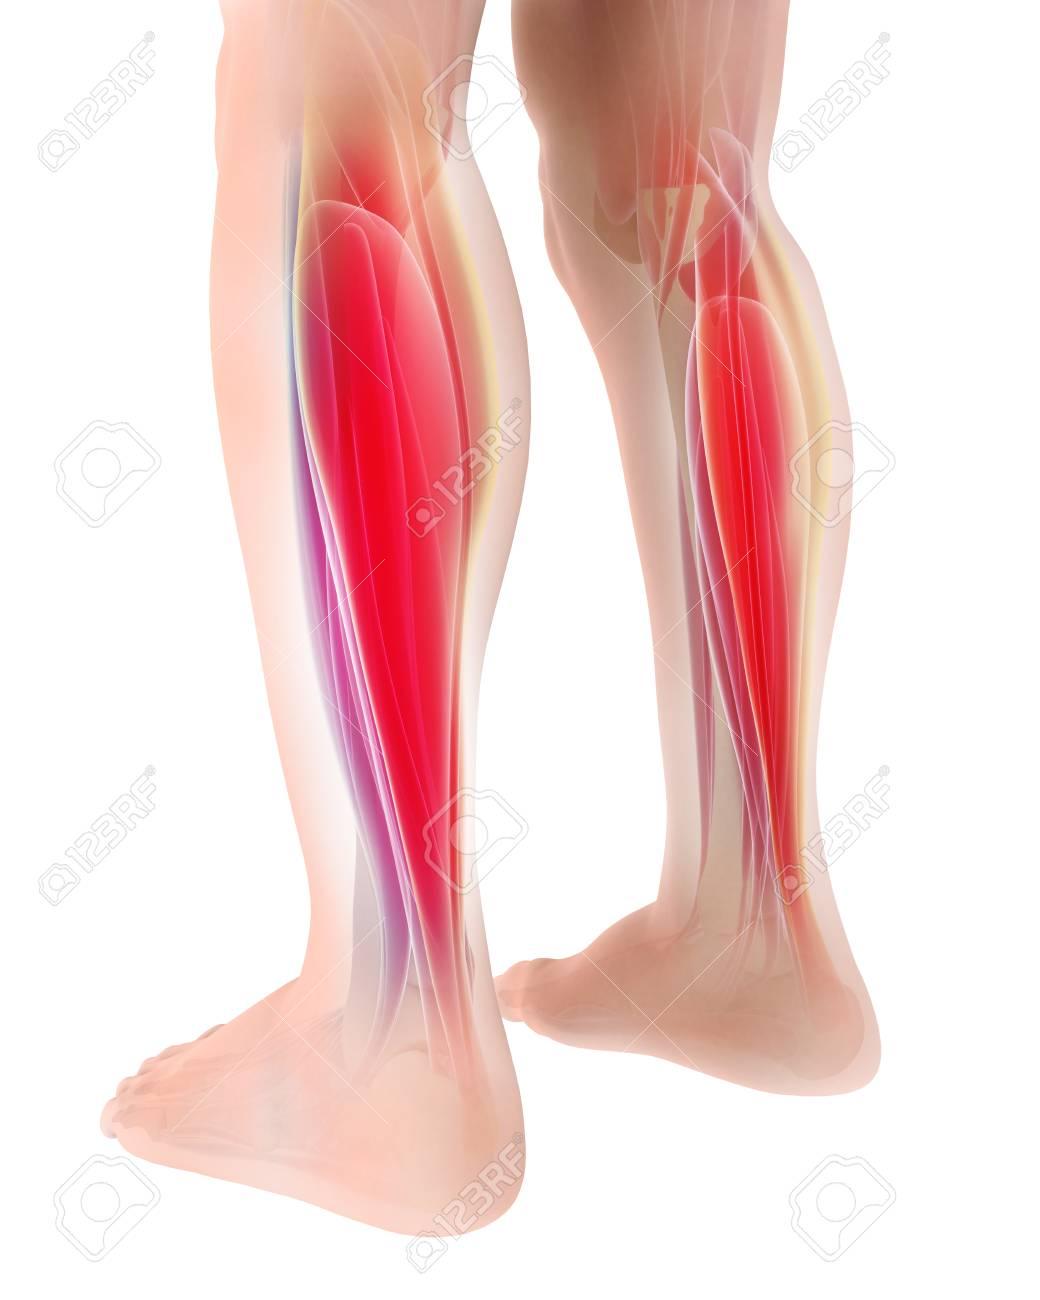 Ilustración 3D De Gastrocnemius, Parte De Las Piernas Anatomía Del ...